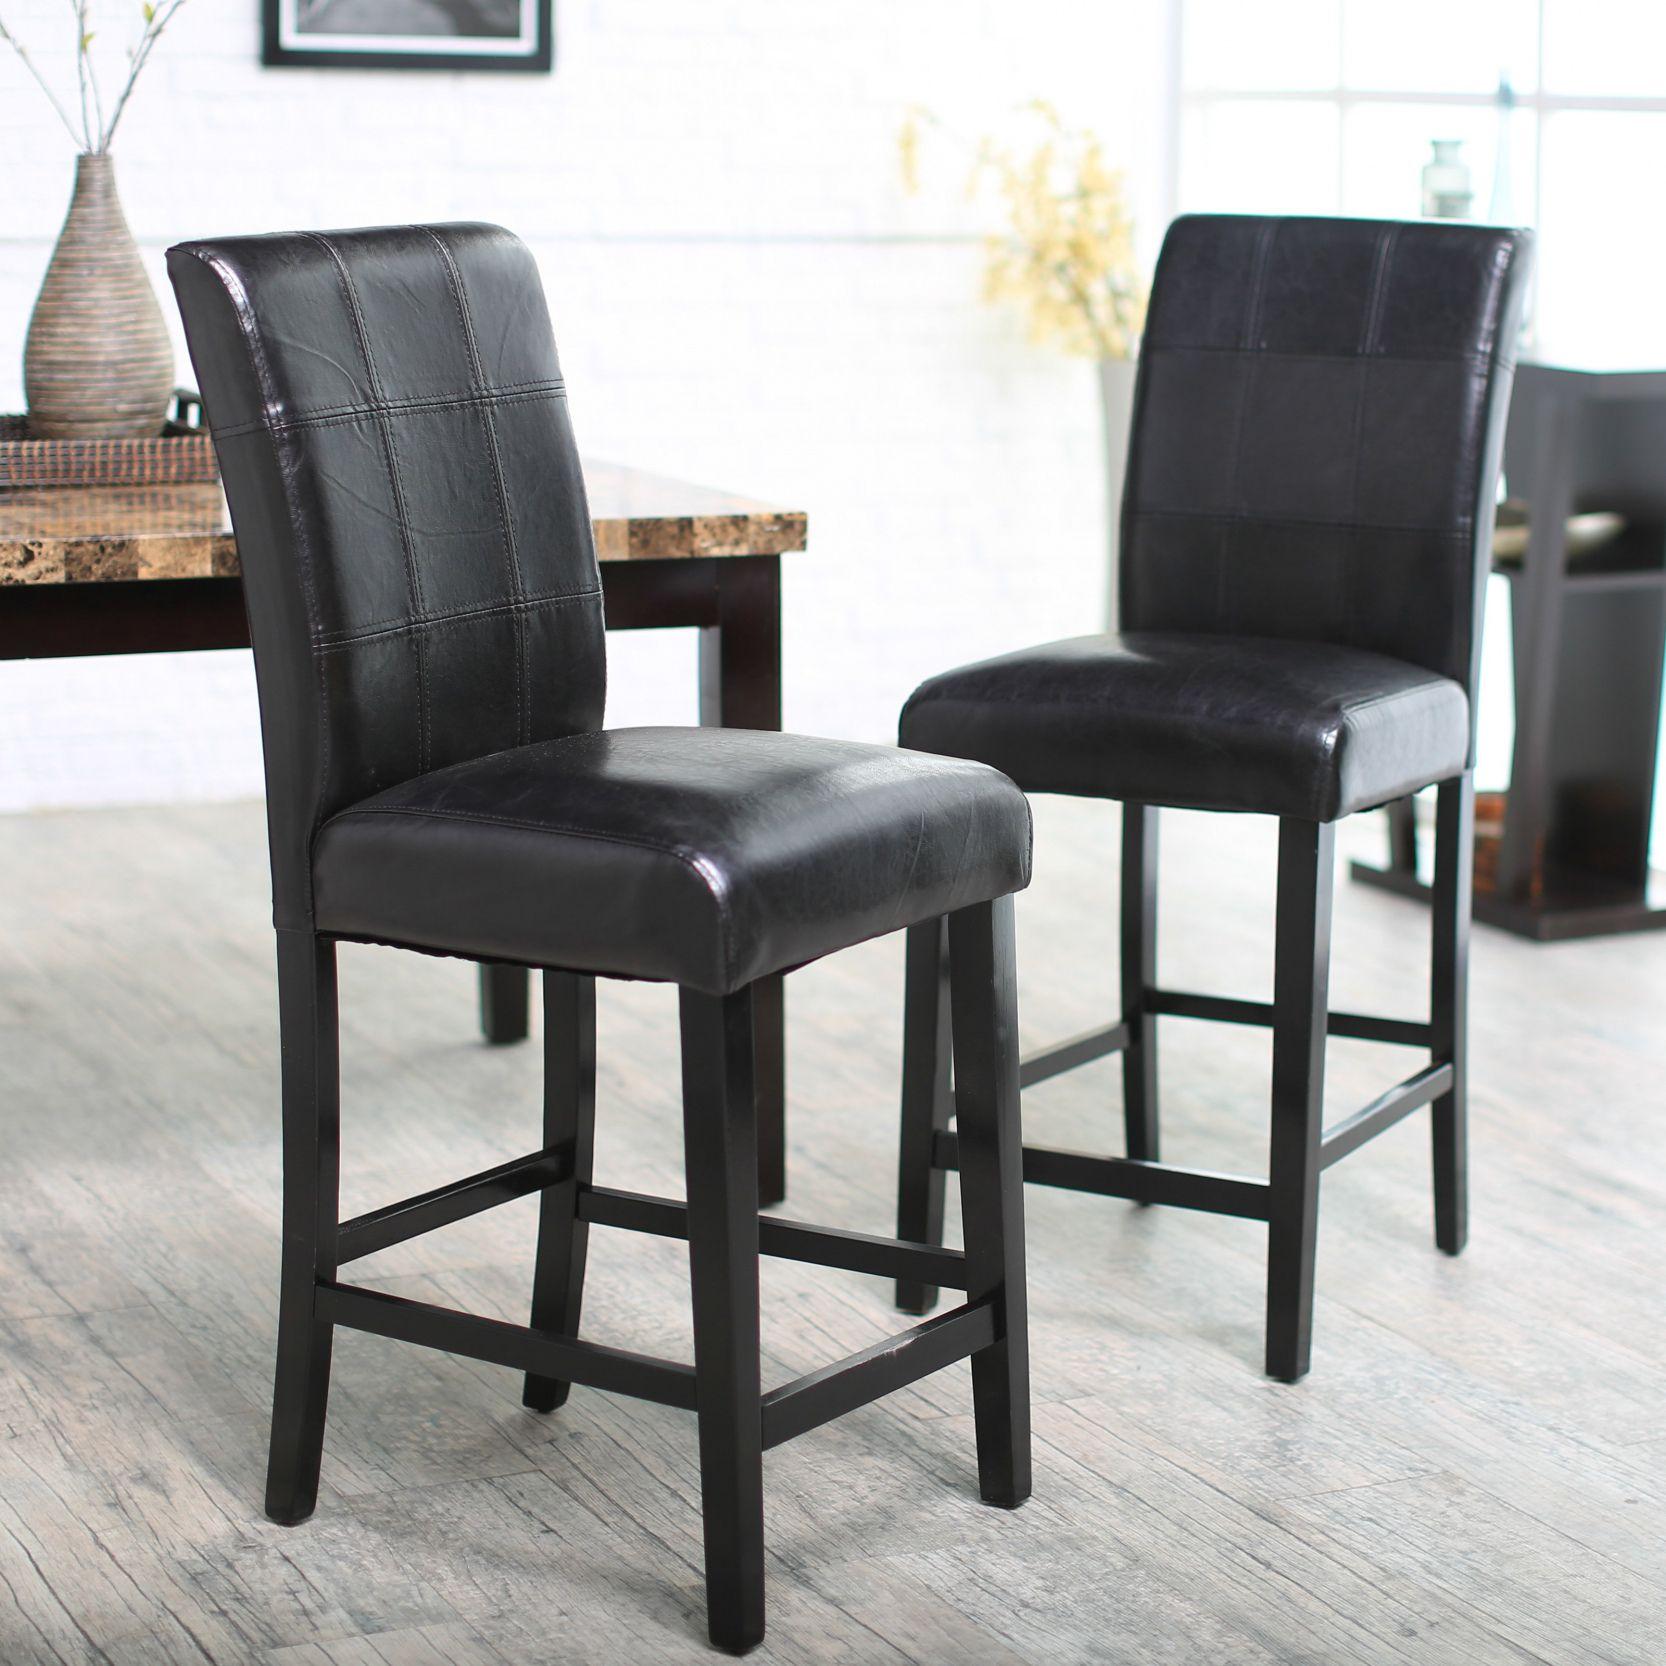 99 Set 2 Bar Stools Cheap Diy Modern Furniture Check more at